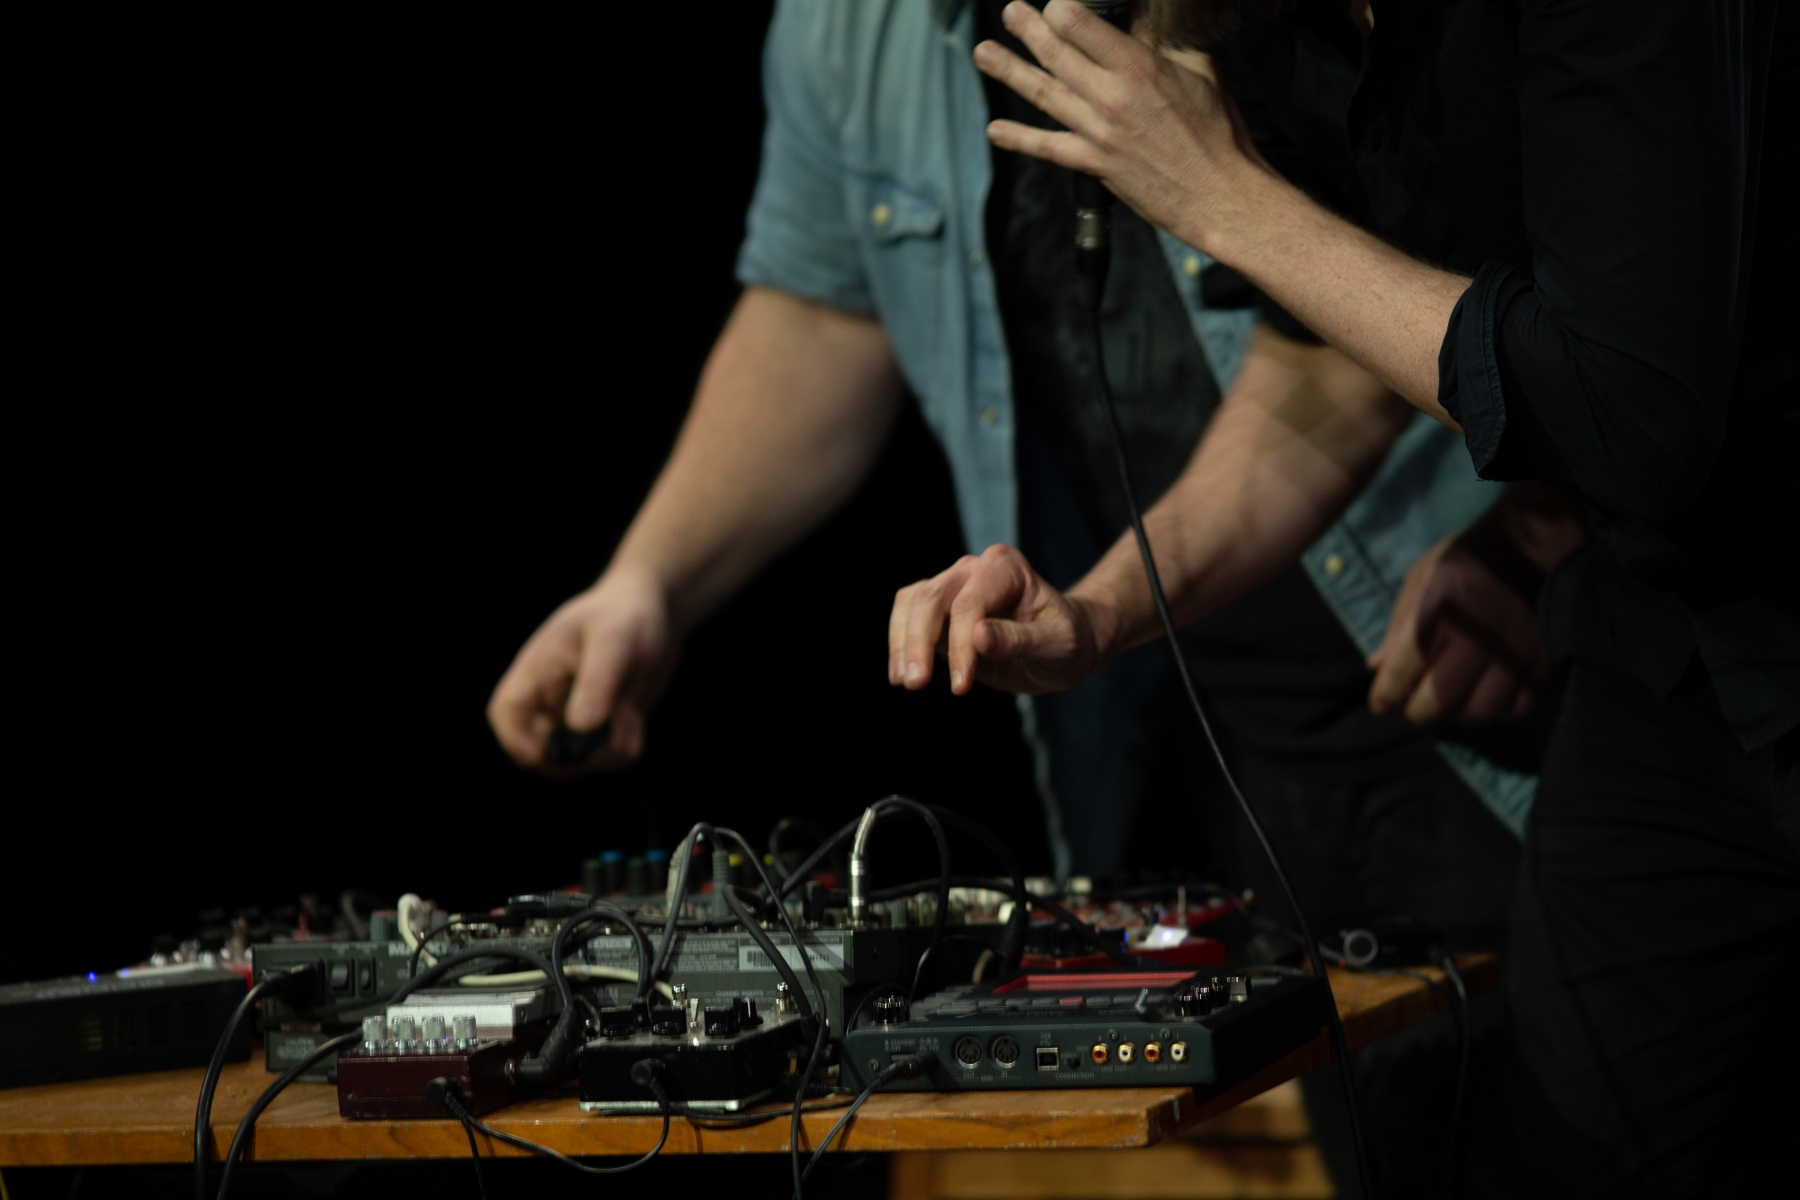 Berättaren-och-Noisemannen-hands